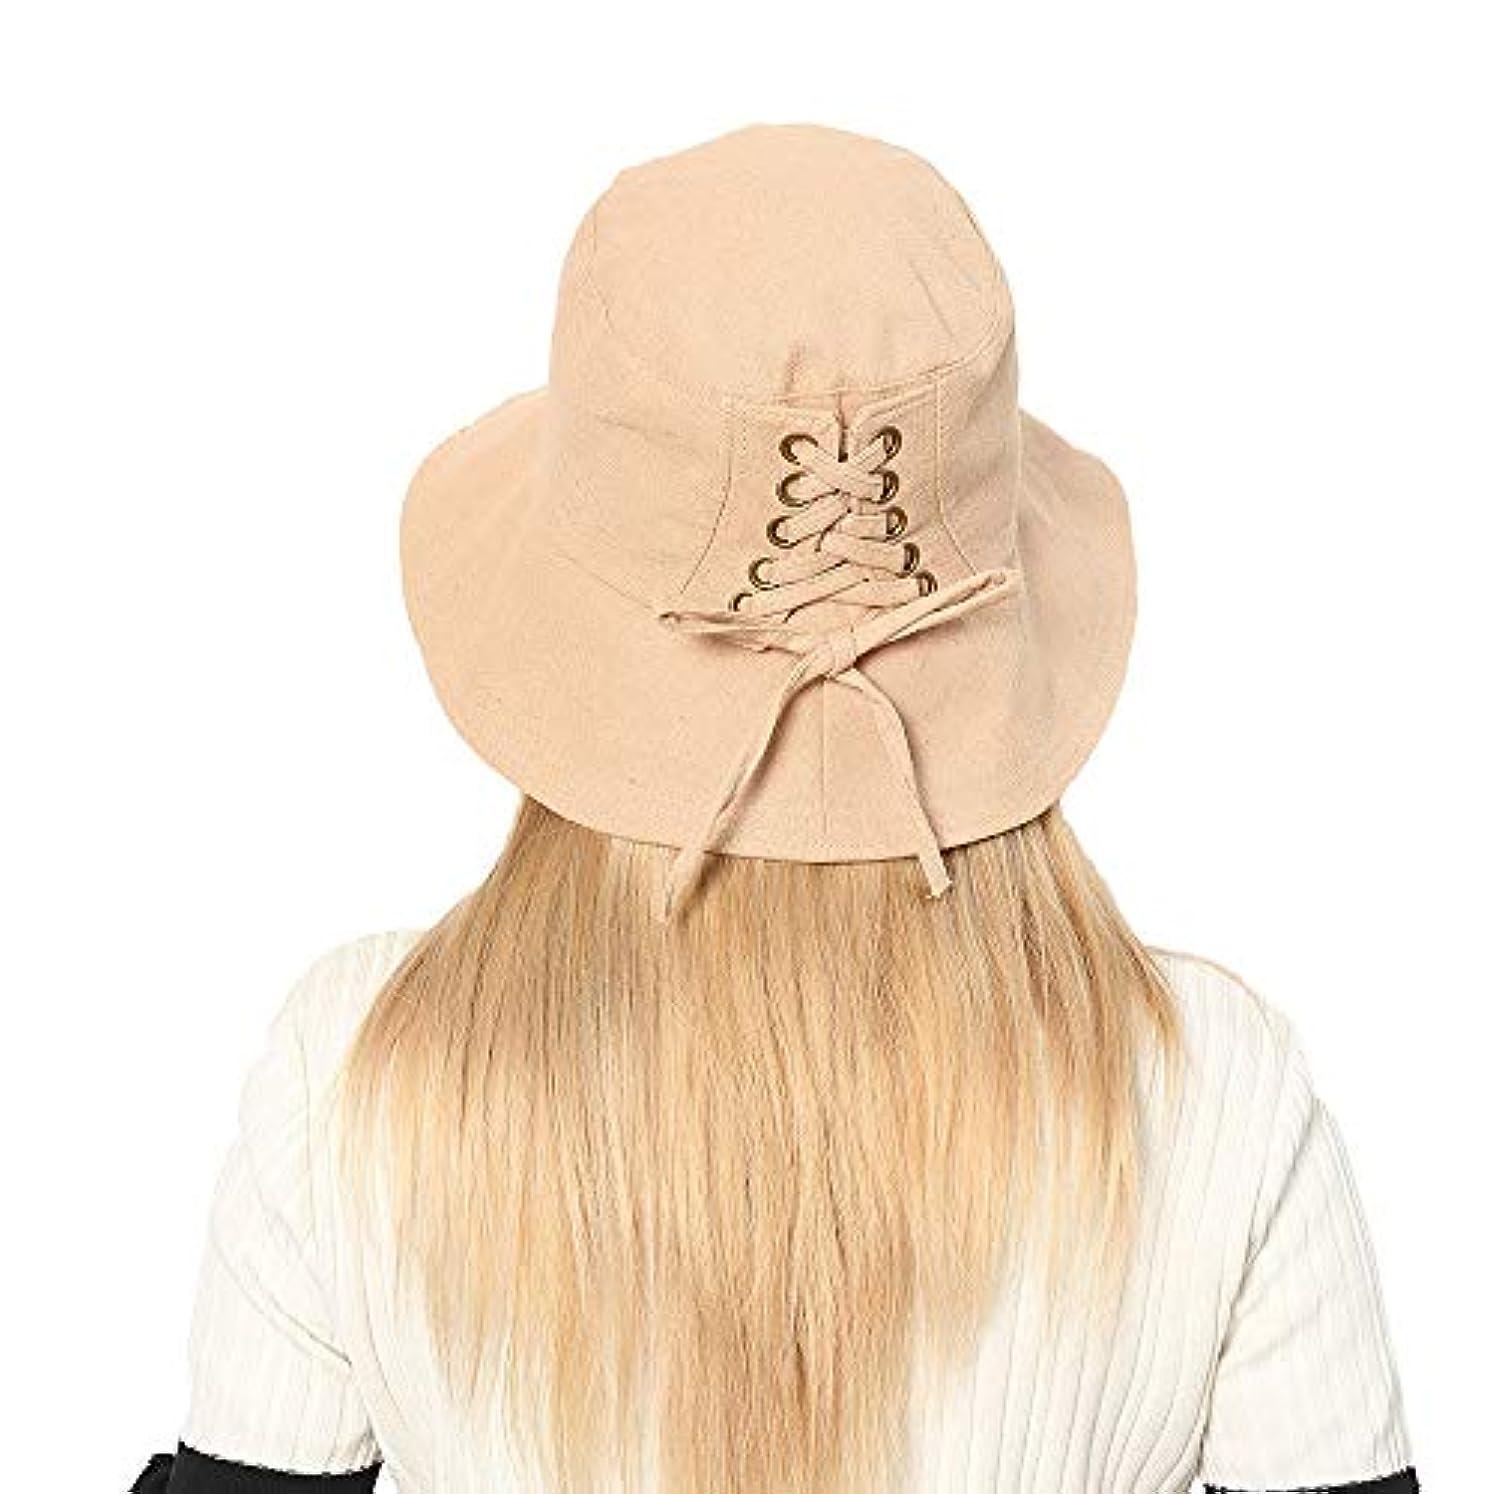 適合しましたクレデンシャルあいまいなハット レディース バイザー ホルダー 帽子 レディース 夏 女性 ハット UVカット 帽子 日焼け防止 サイズ調節 つば広 uvカット 釣り 旅行 野球 日除け ヘアバンド ベレー帽 帽子 サイズ調整 テープ ROSE...